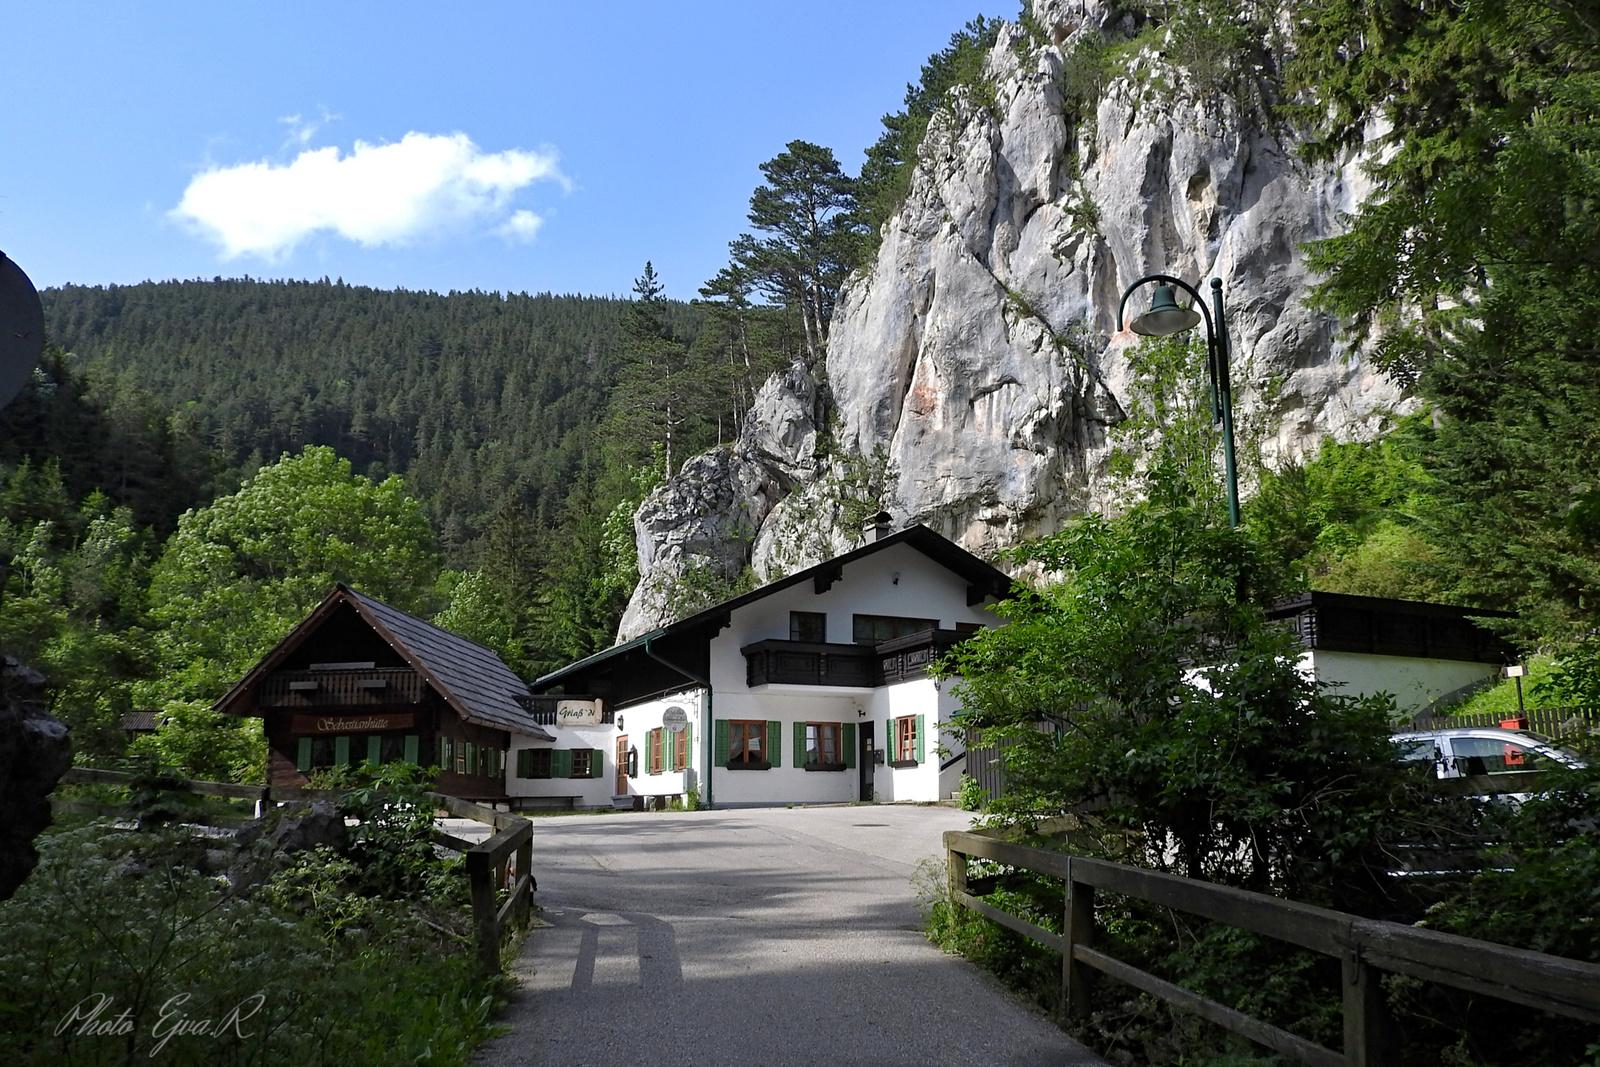 Fogadó Alpok Nyár